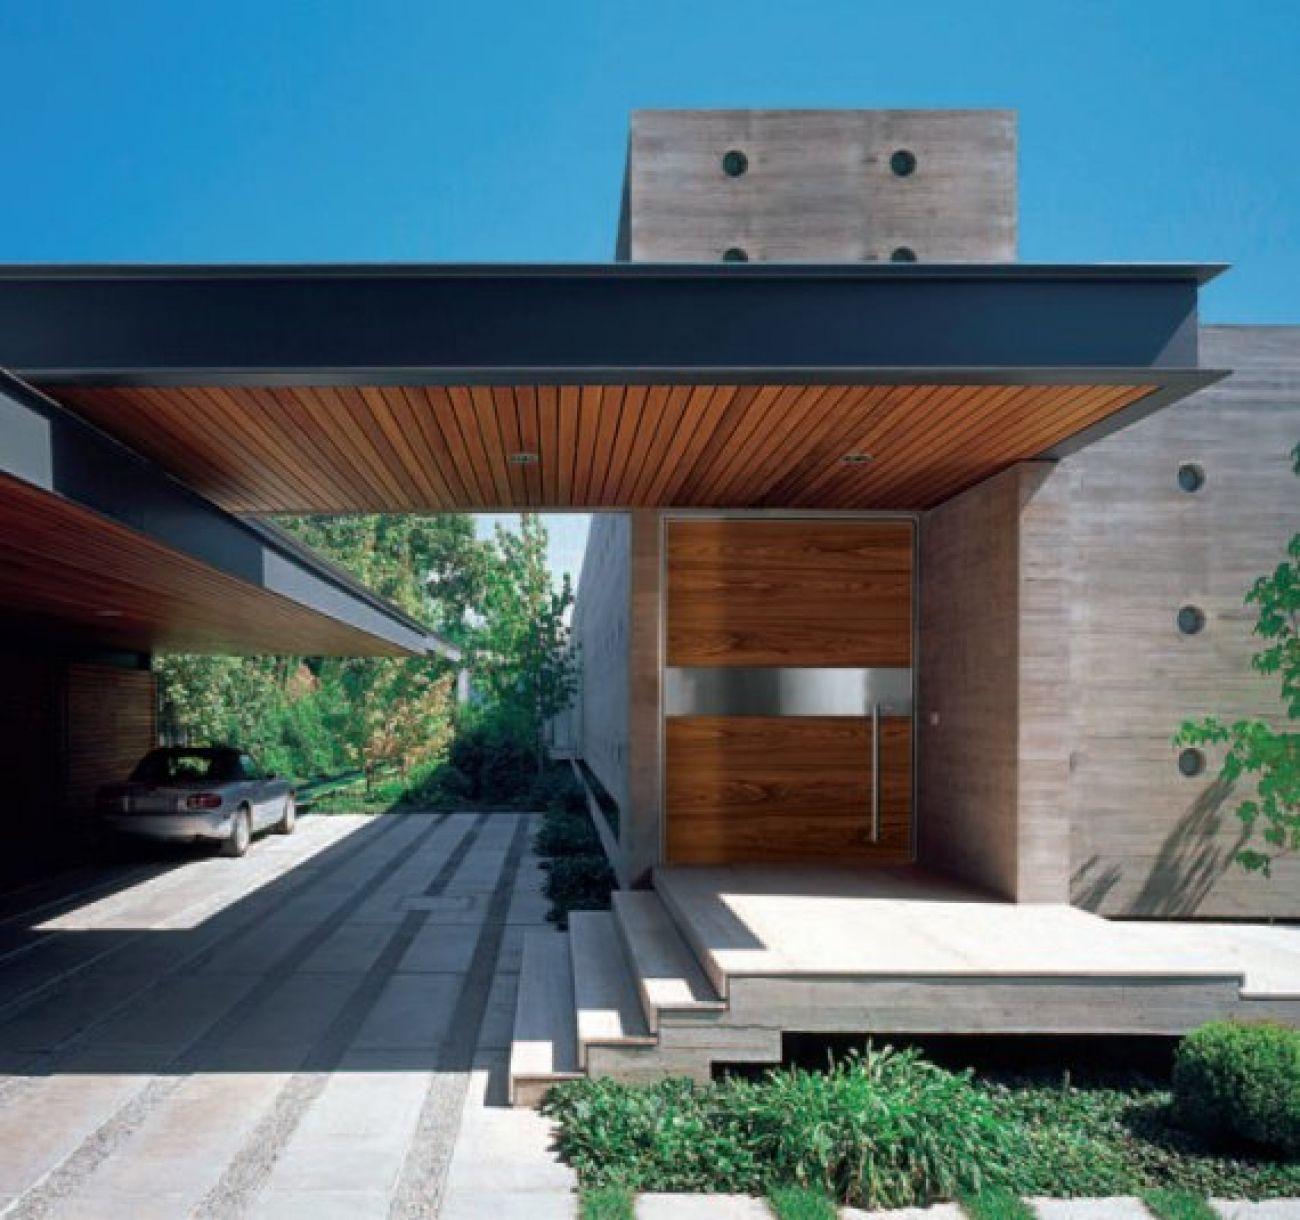 Puertas de dise o puertas pinterest fachadas casas for Puertas correderas diseno moderno